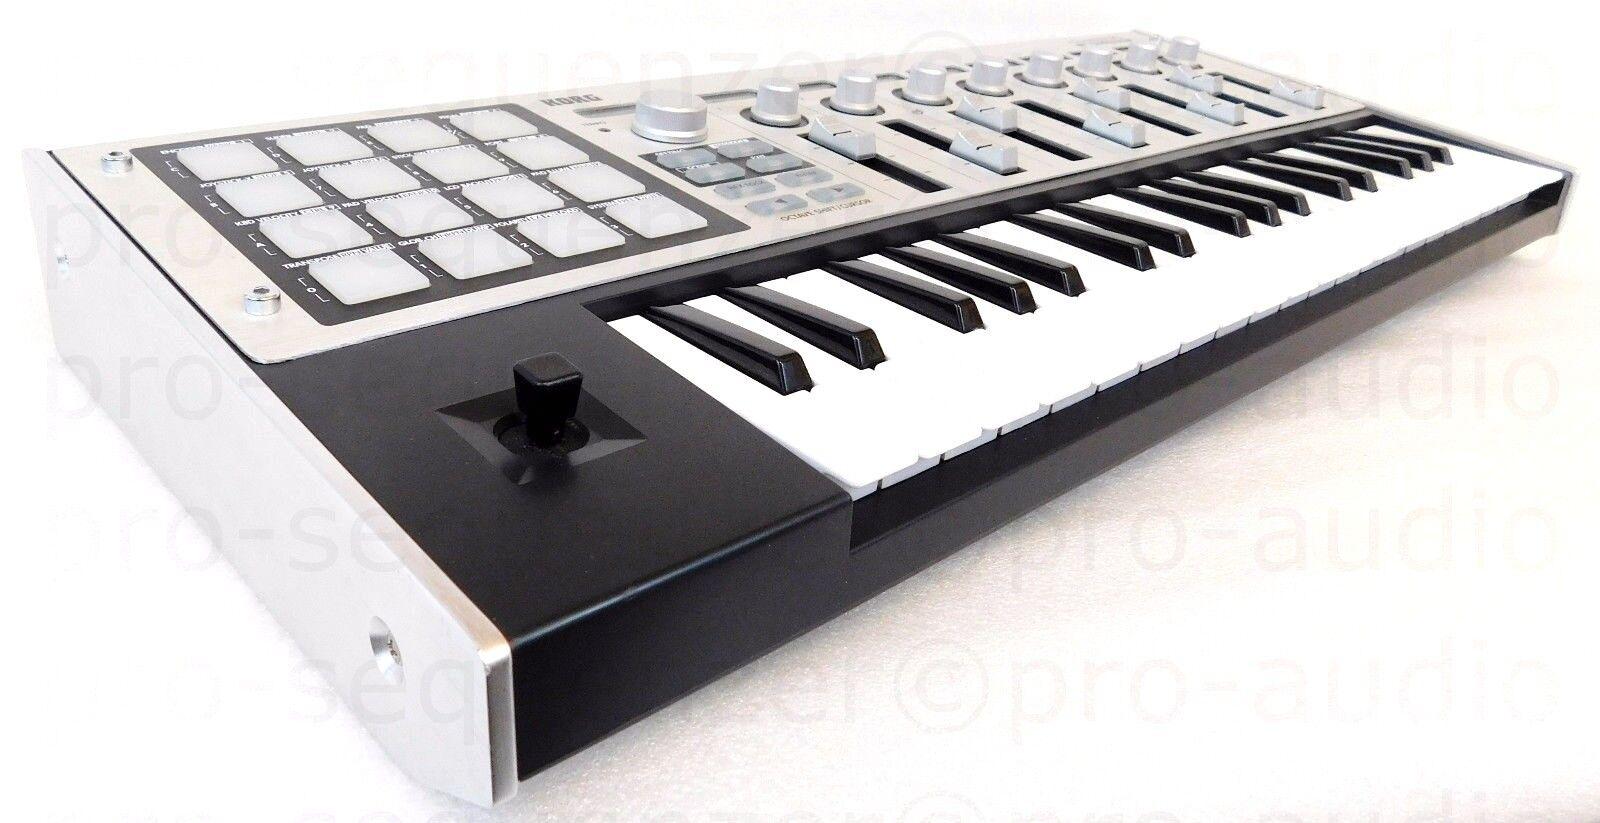 Korg MicroKontrol Cool Midi keyboard  de de de los clásicos  como nuevo & garantía  barato en alta calidad